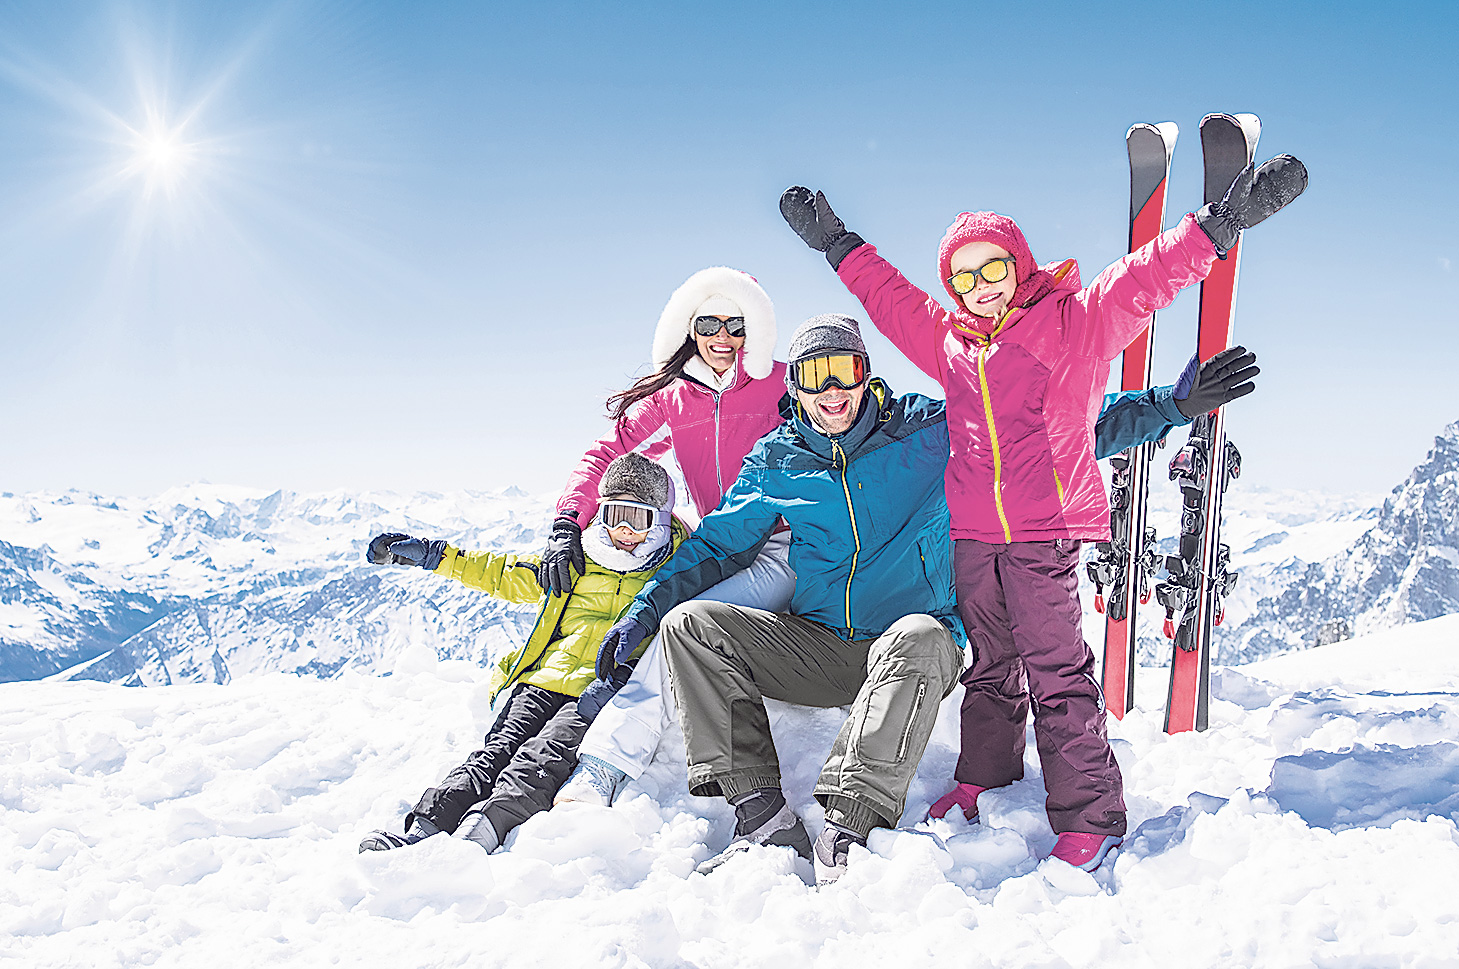 Eine Familie im Skiurlaub. Thema: Familienreisen